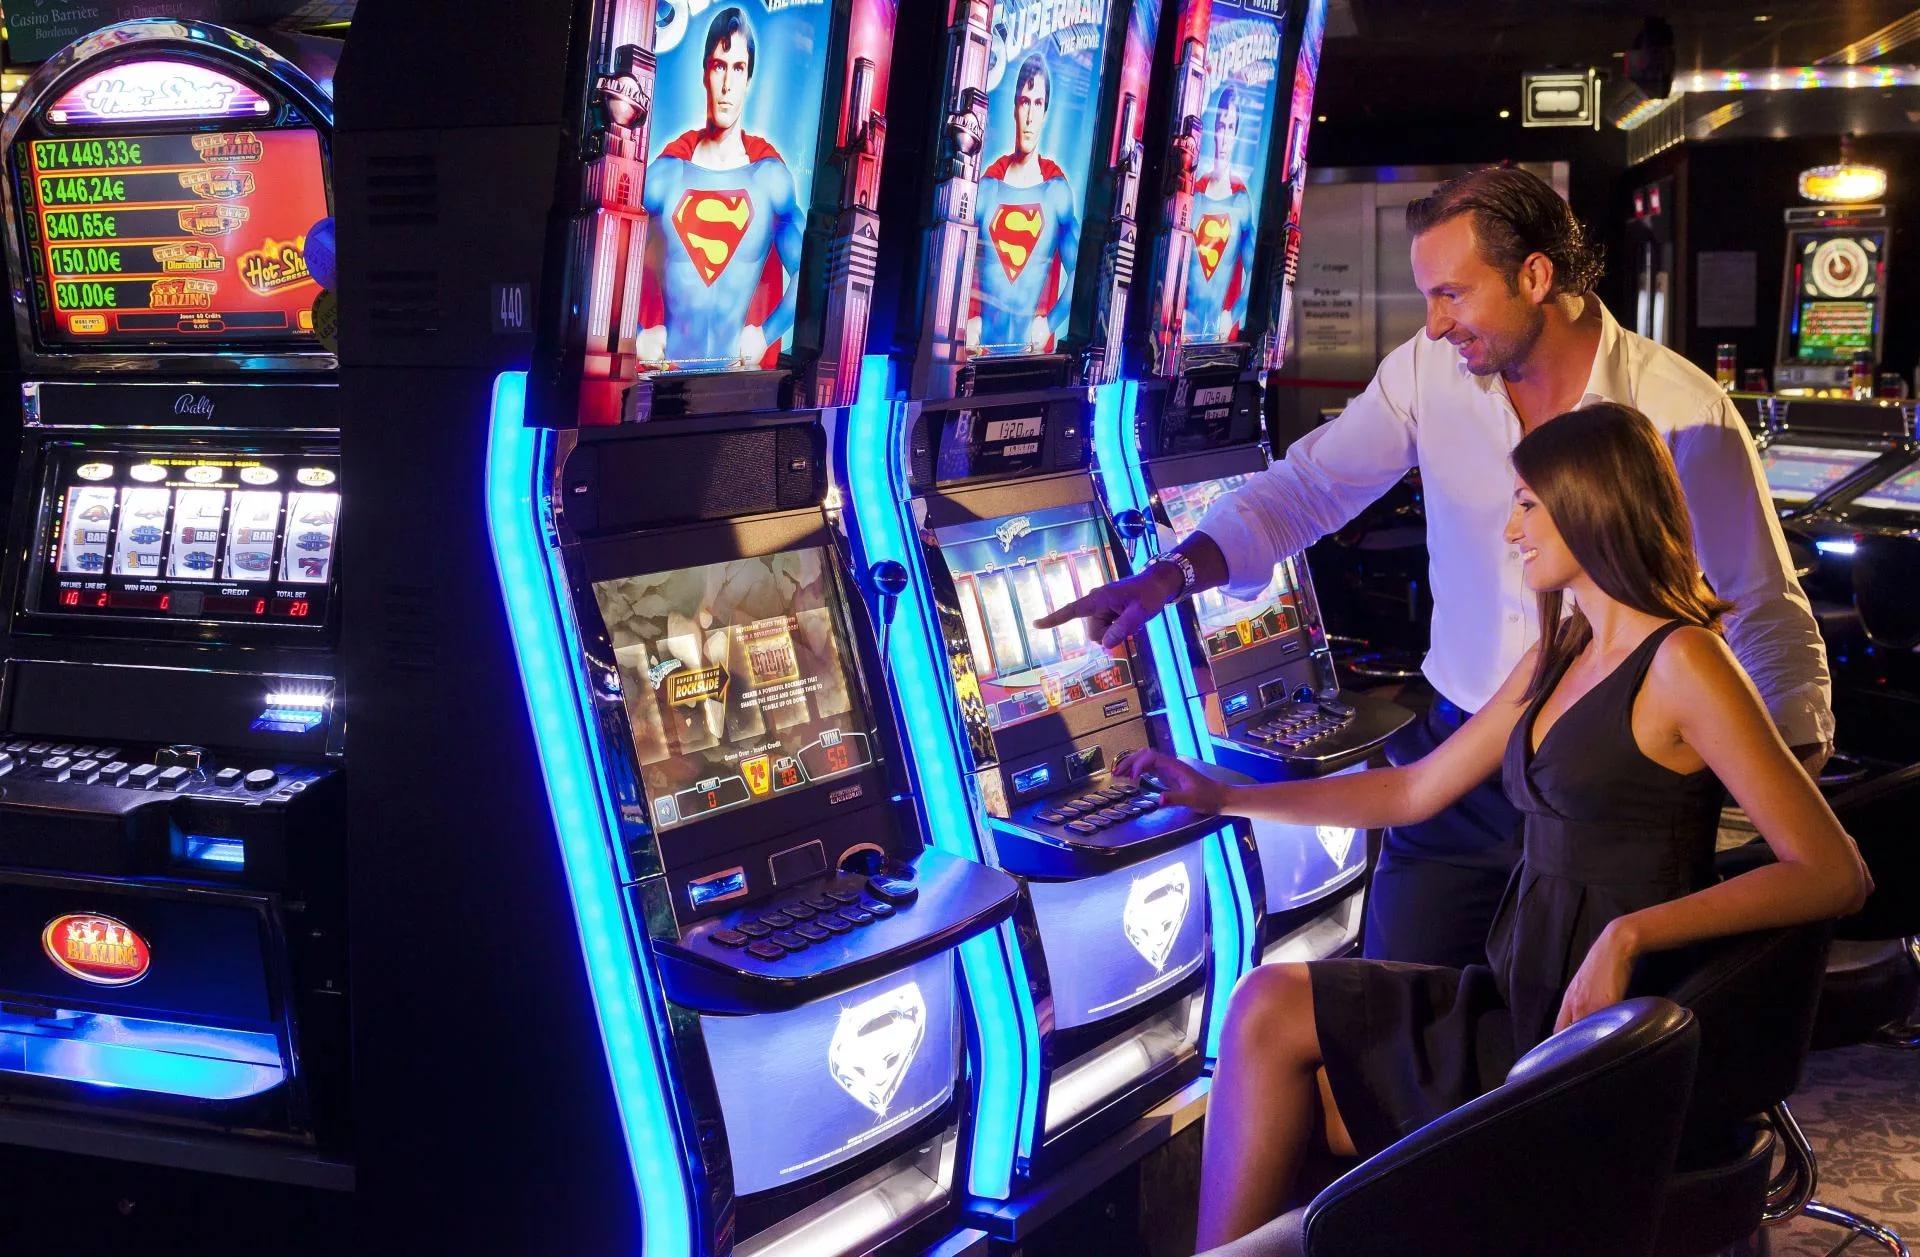 крупнейшая коллекция игровых автоматов онлайн 2015г